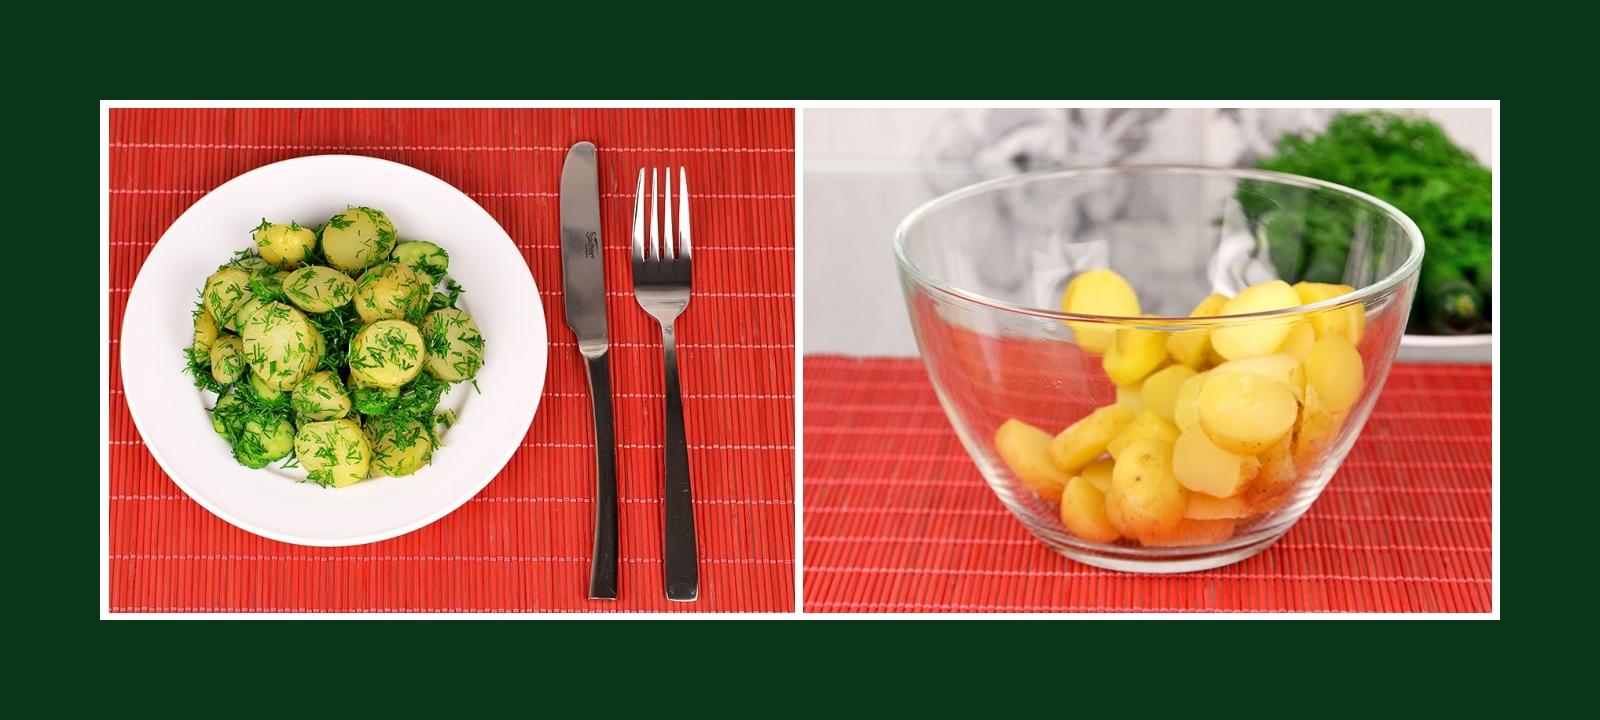 Leckere und erfrischende Beilage mit Frühkartoffeln